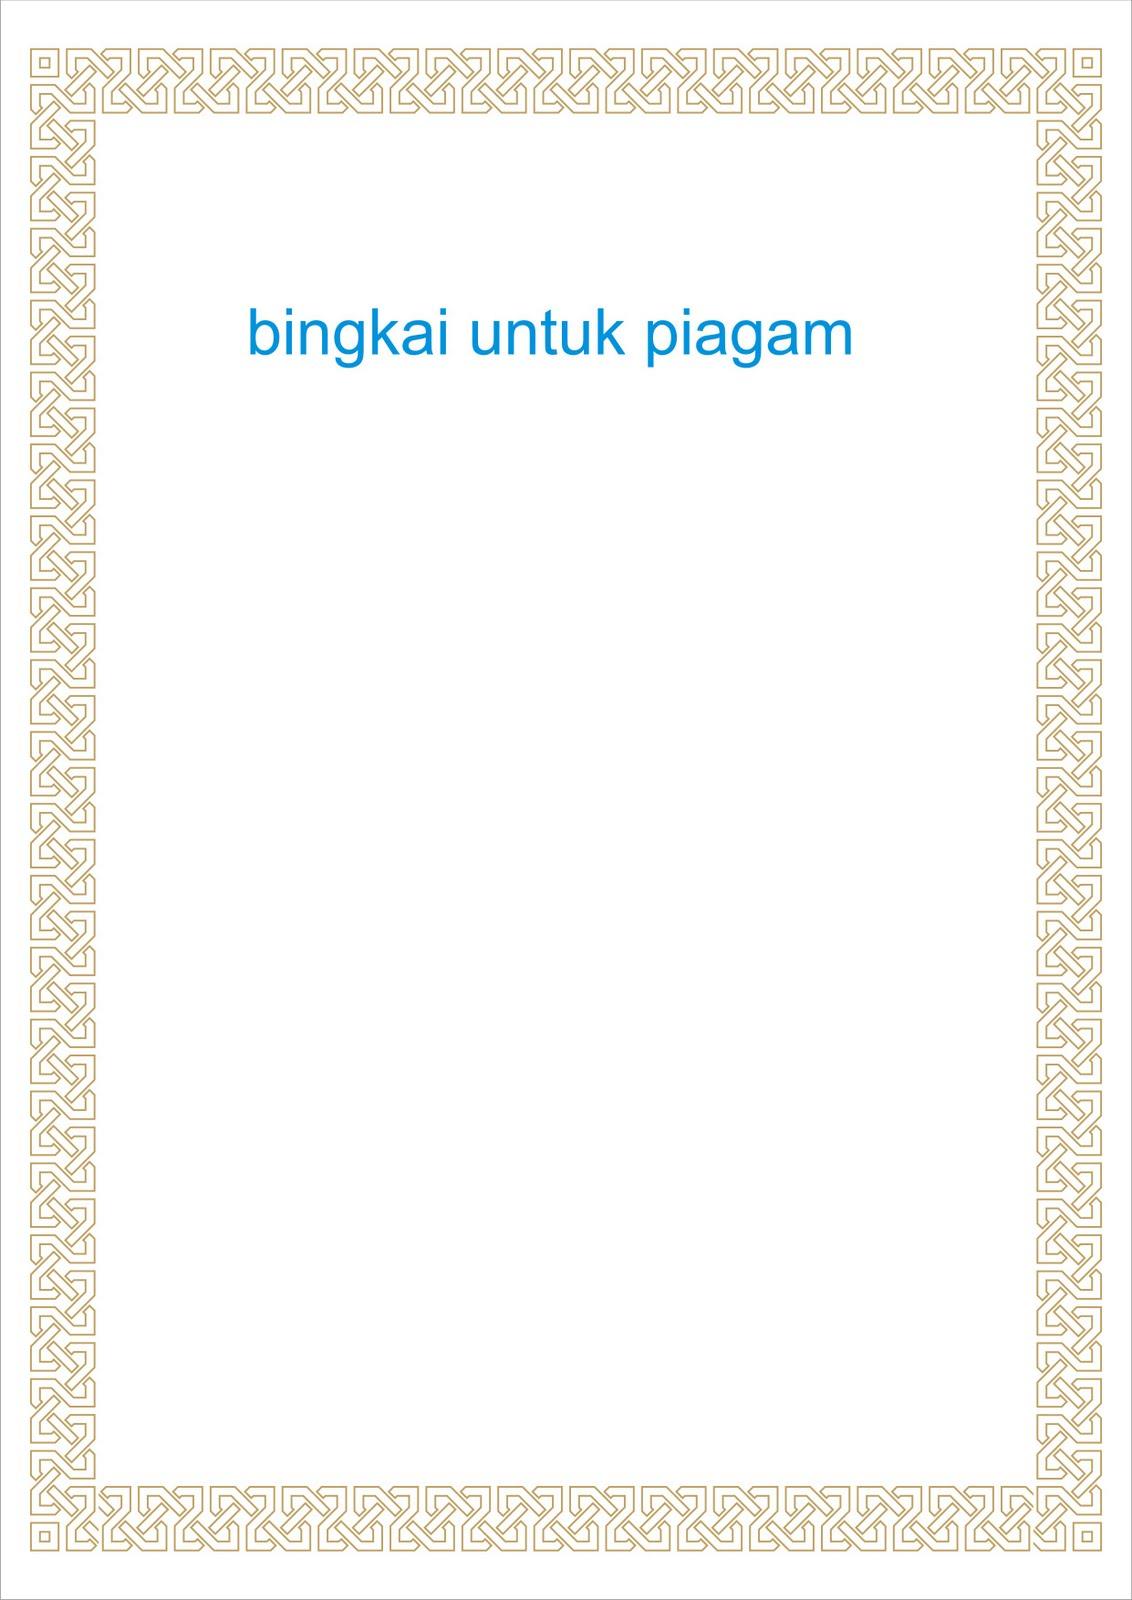 Bingkai Untuk Piagam Spesialis Kartu Undangan Gudang Download